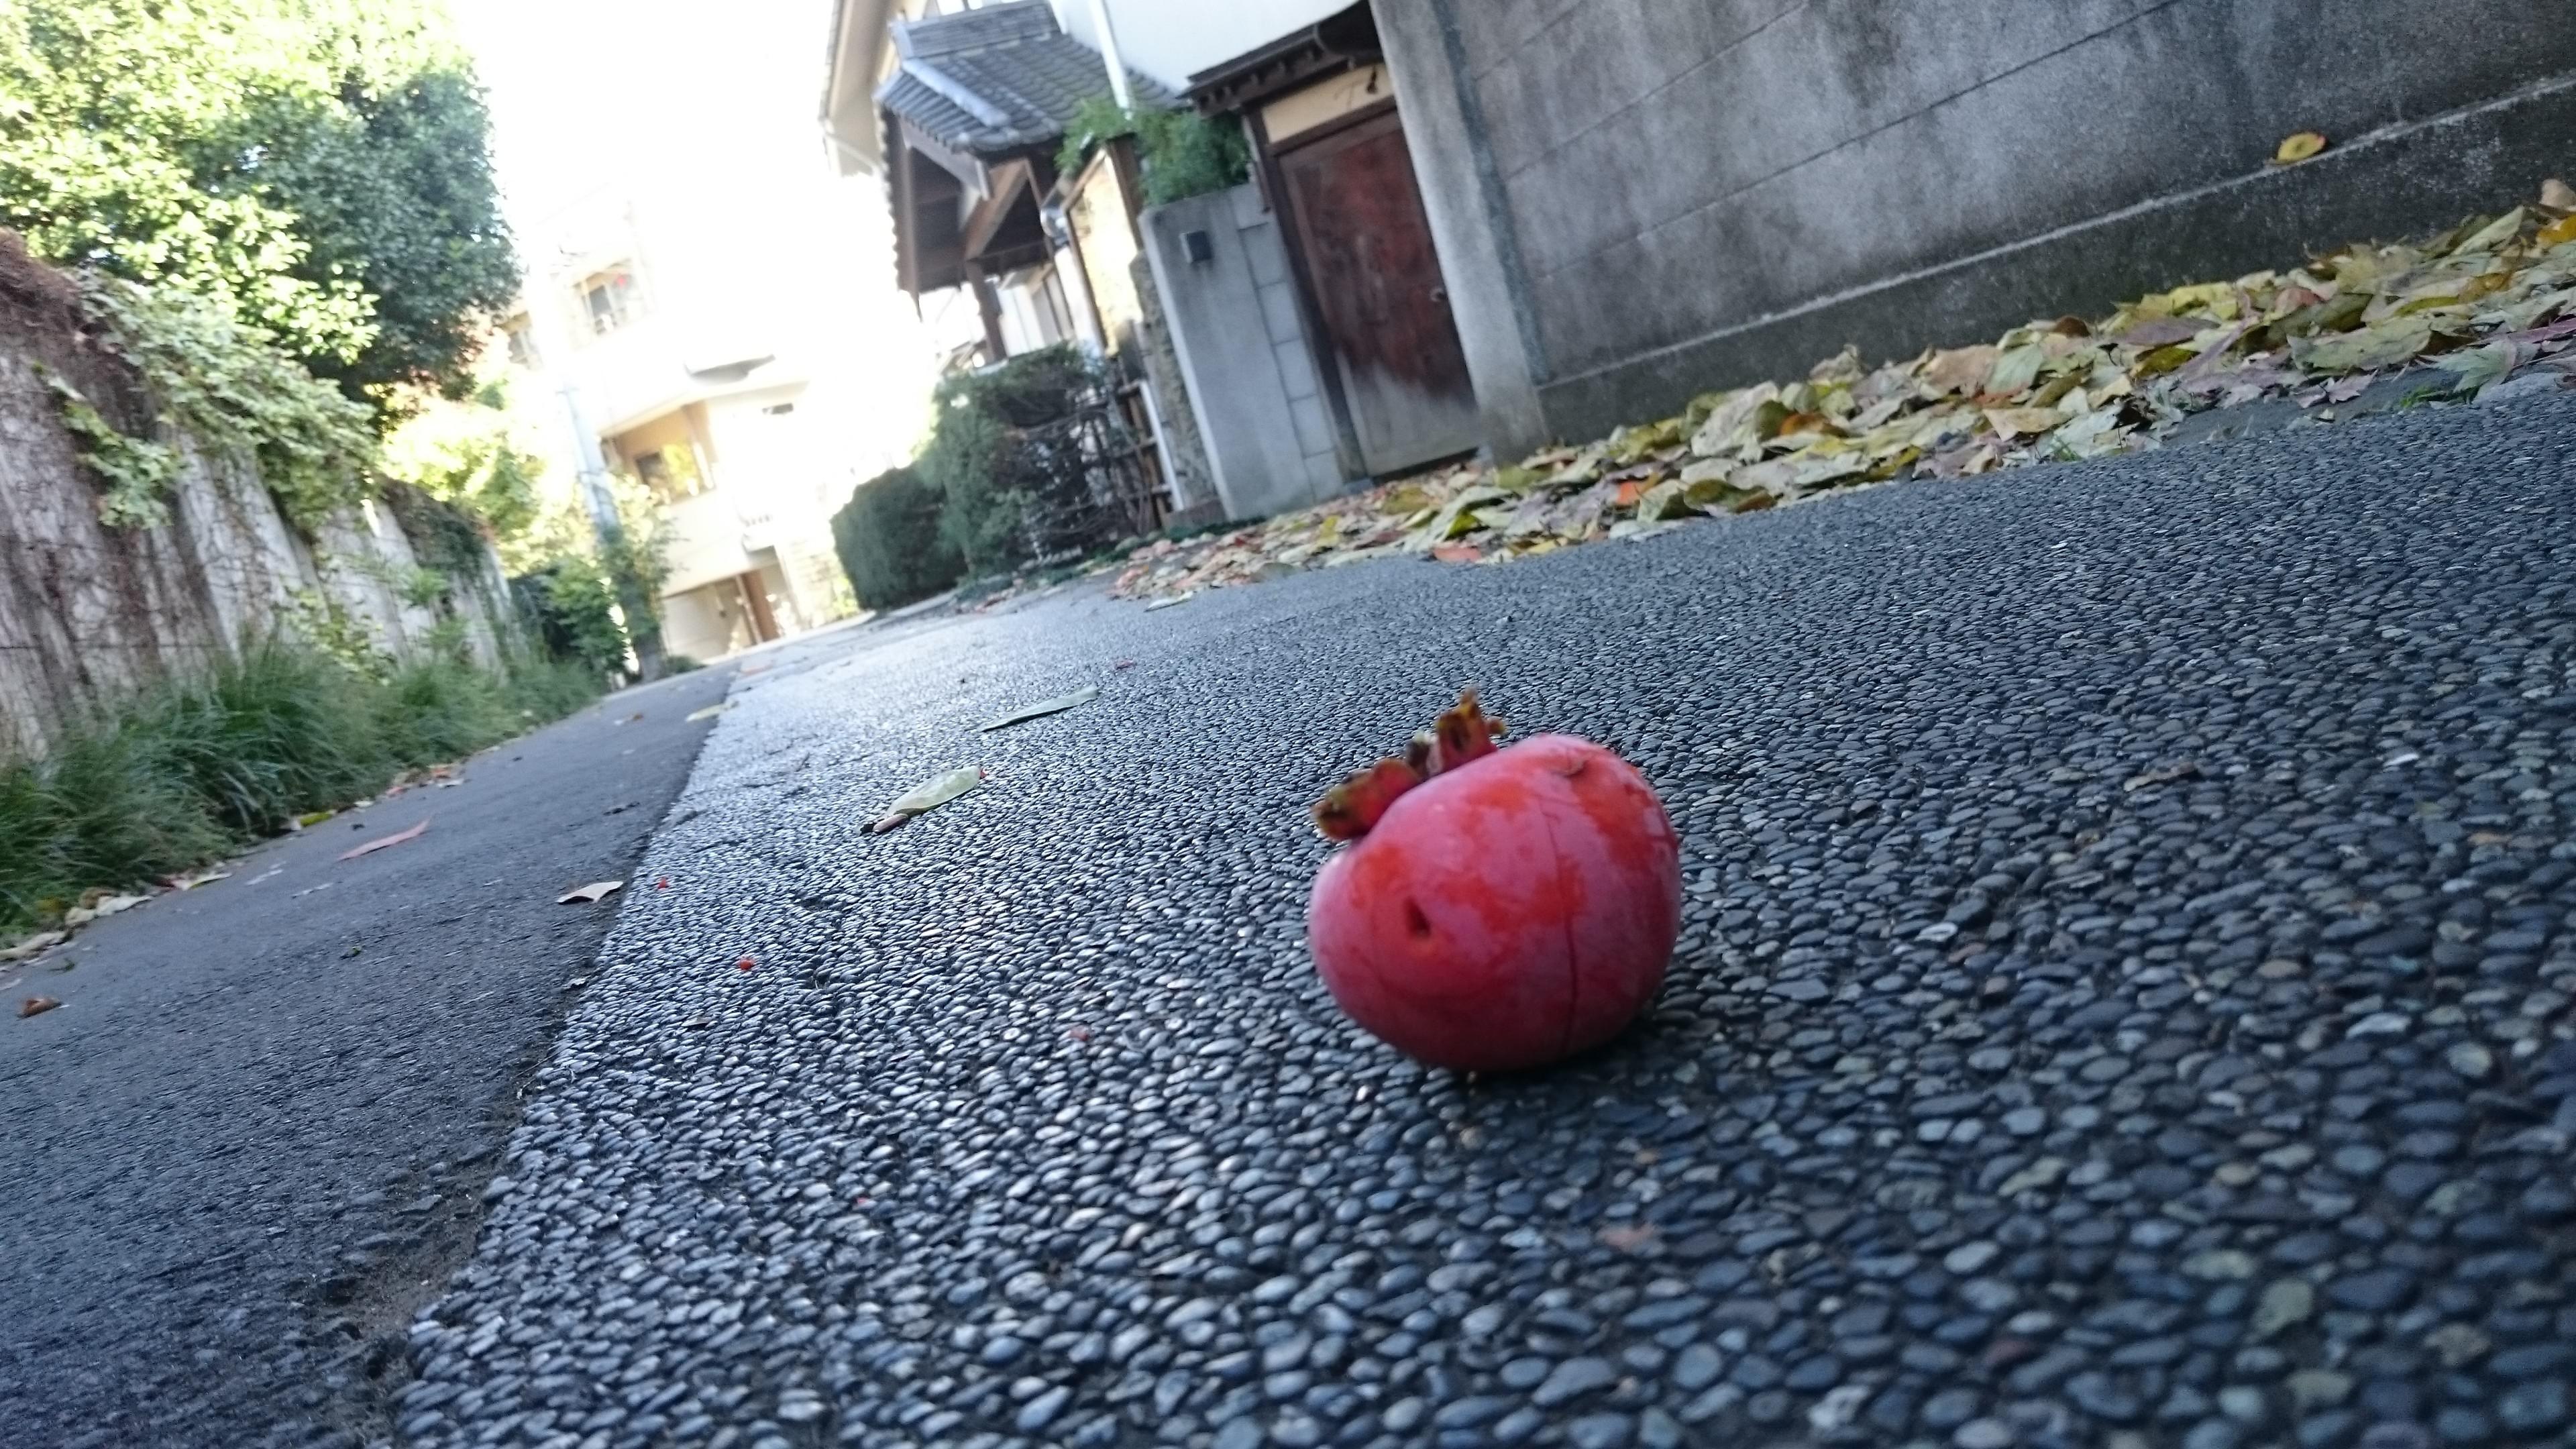 柿(擇木道場前の道路)ななめから写した画像.jpg